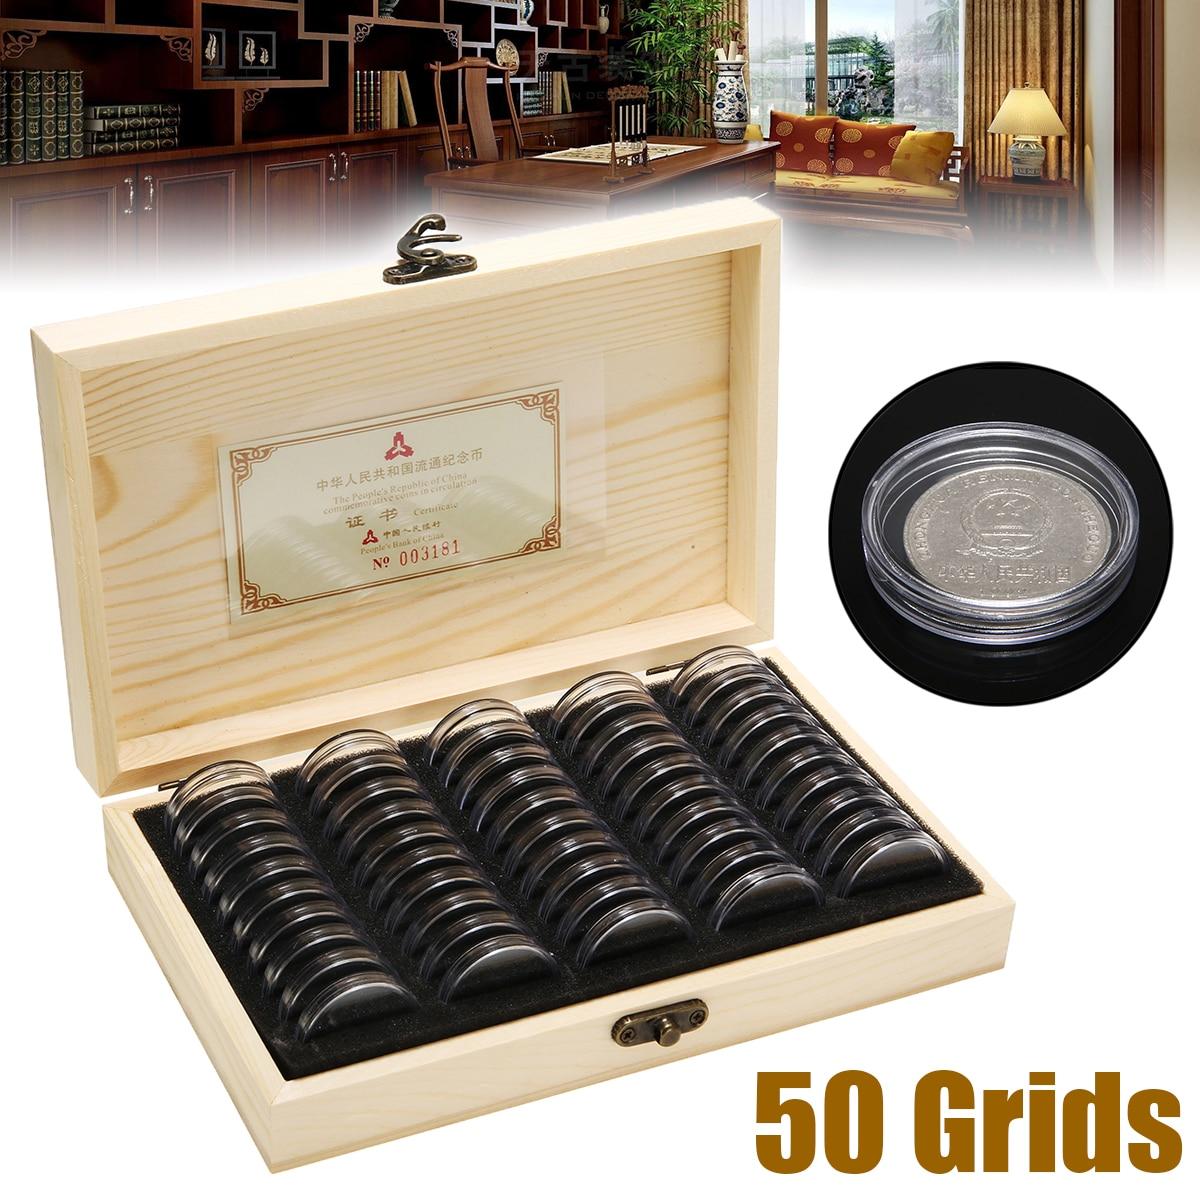 50 cápsulas de madeira moedas exibir caixa de armazenamento caso moeda proteção coleção caixa caixas universais ajustável 18/21/25/27/30mm